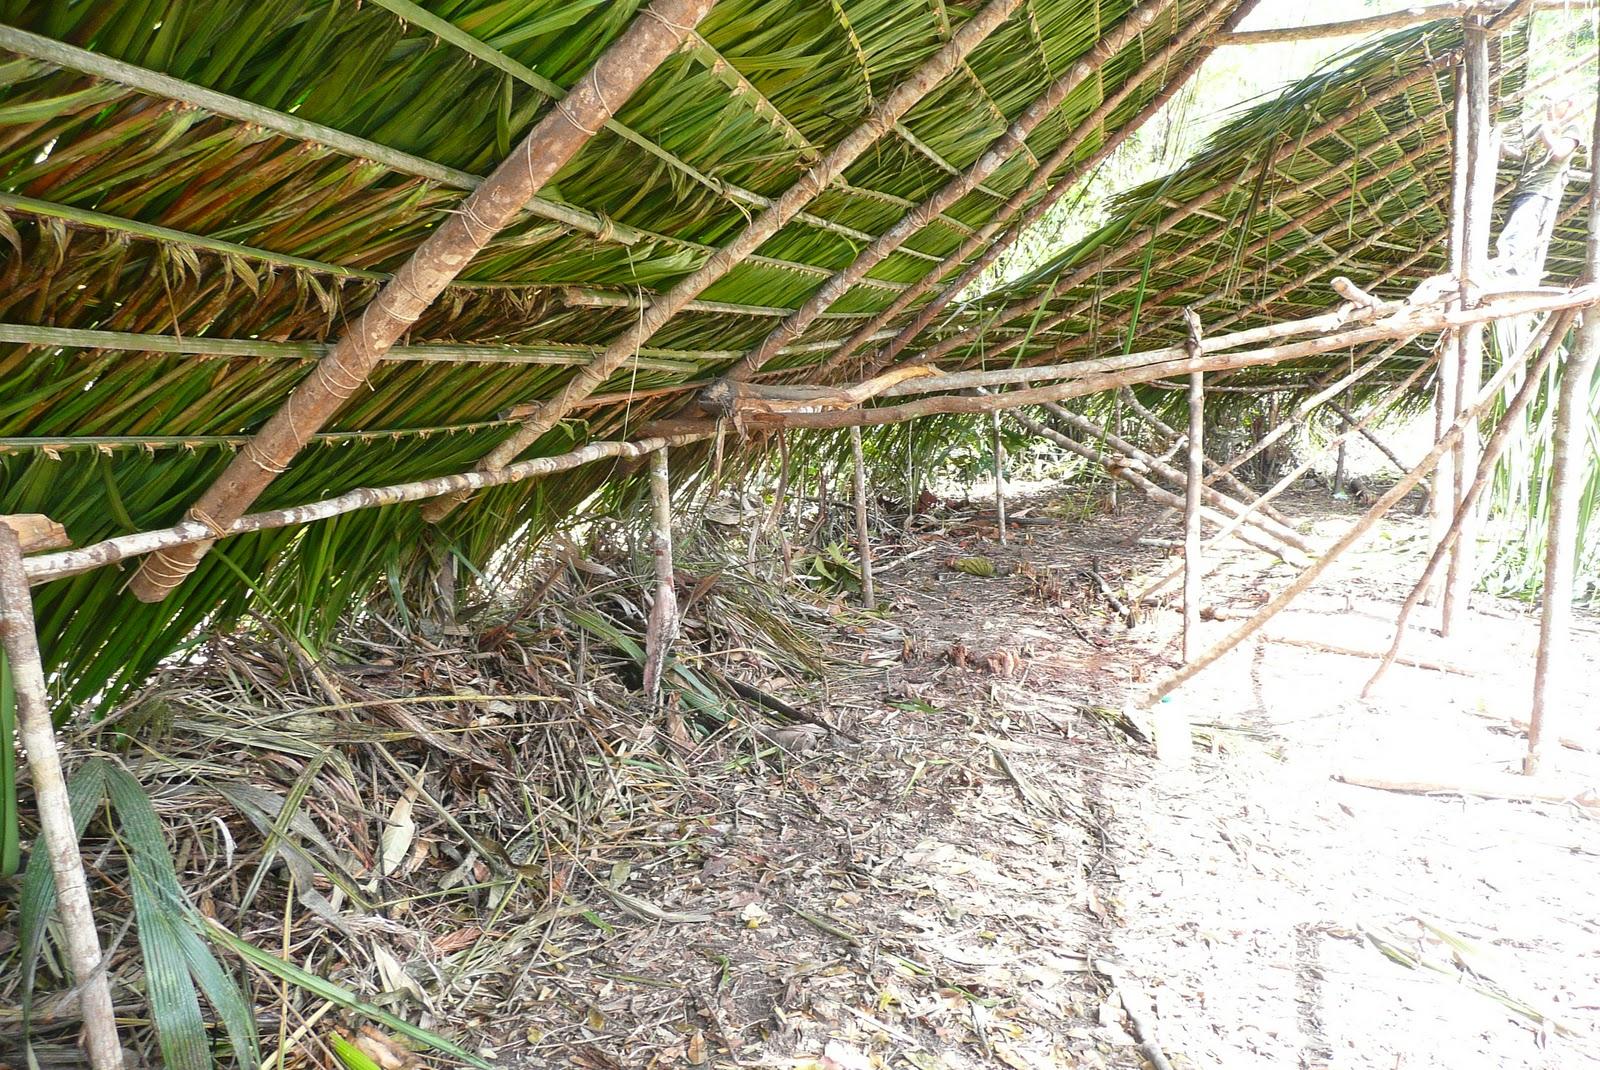 ARQUITECTURA INDGENA CONSTRUCCION DE UN SHABONO YANOMAMI or